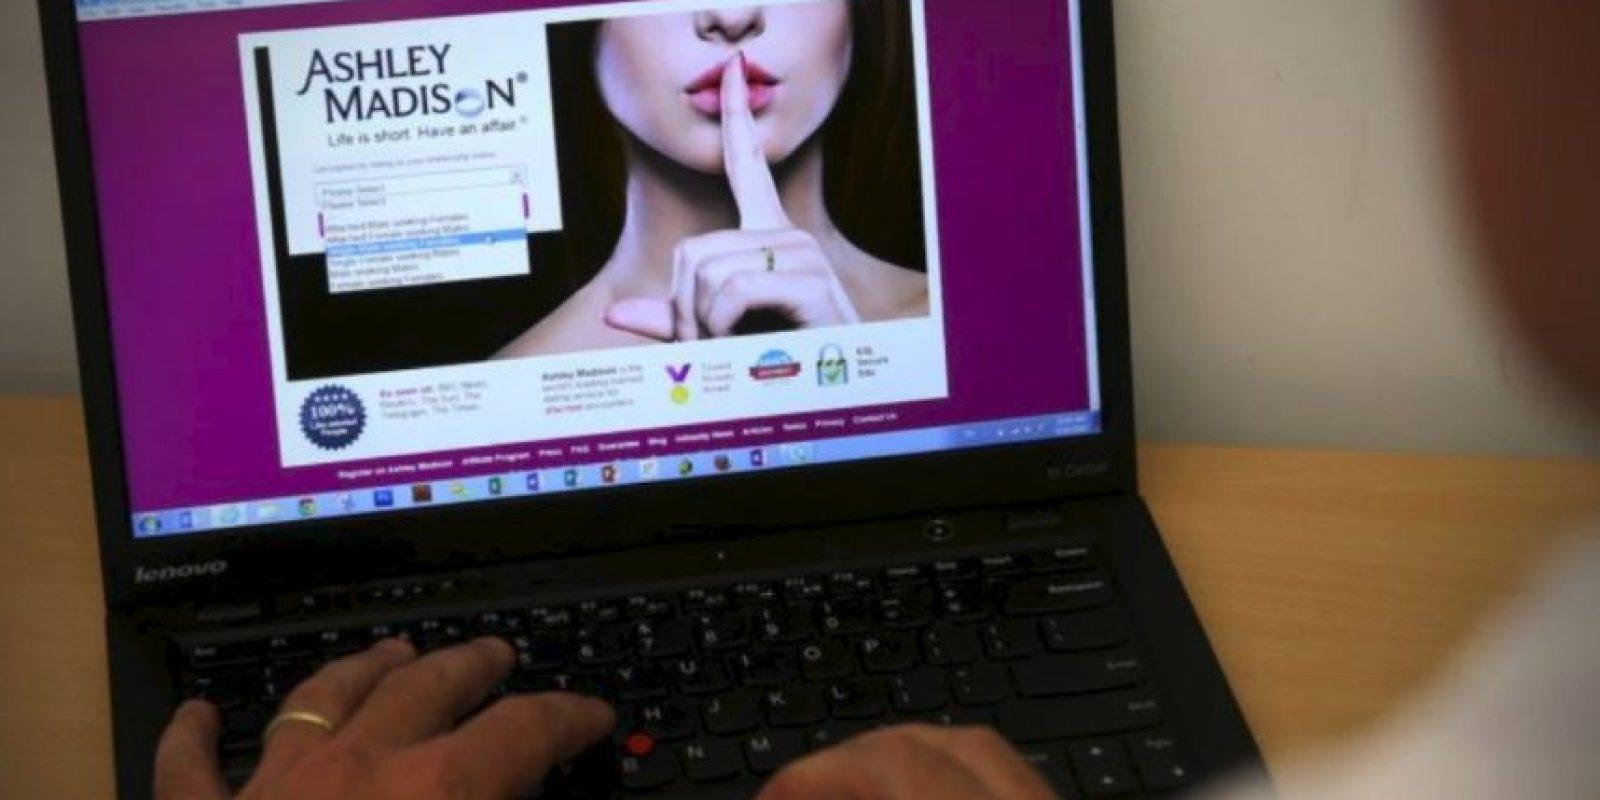 Los datos de sus más de 32 millones de usuarios están en Internet, a disposición de cualquiera que quiera buscarlos Foto:Getty Images